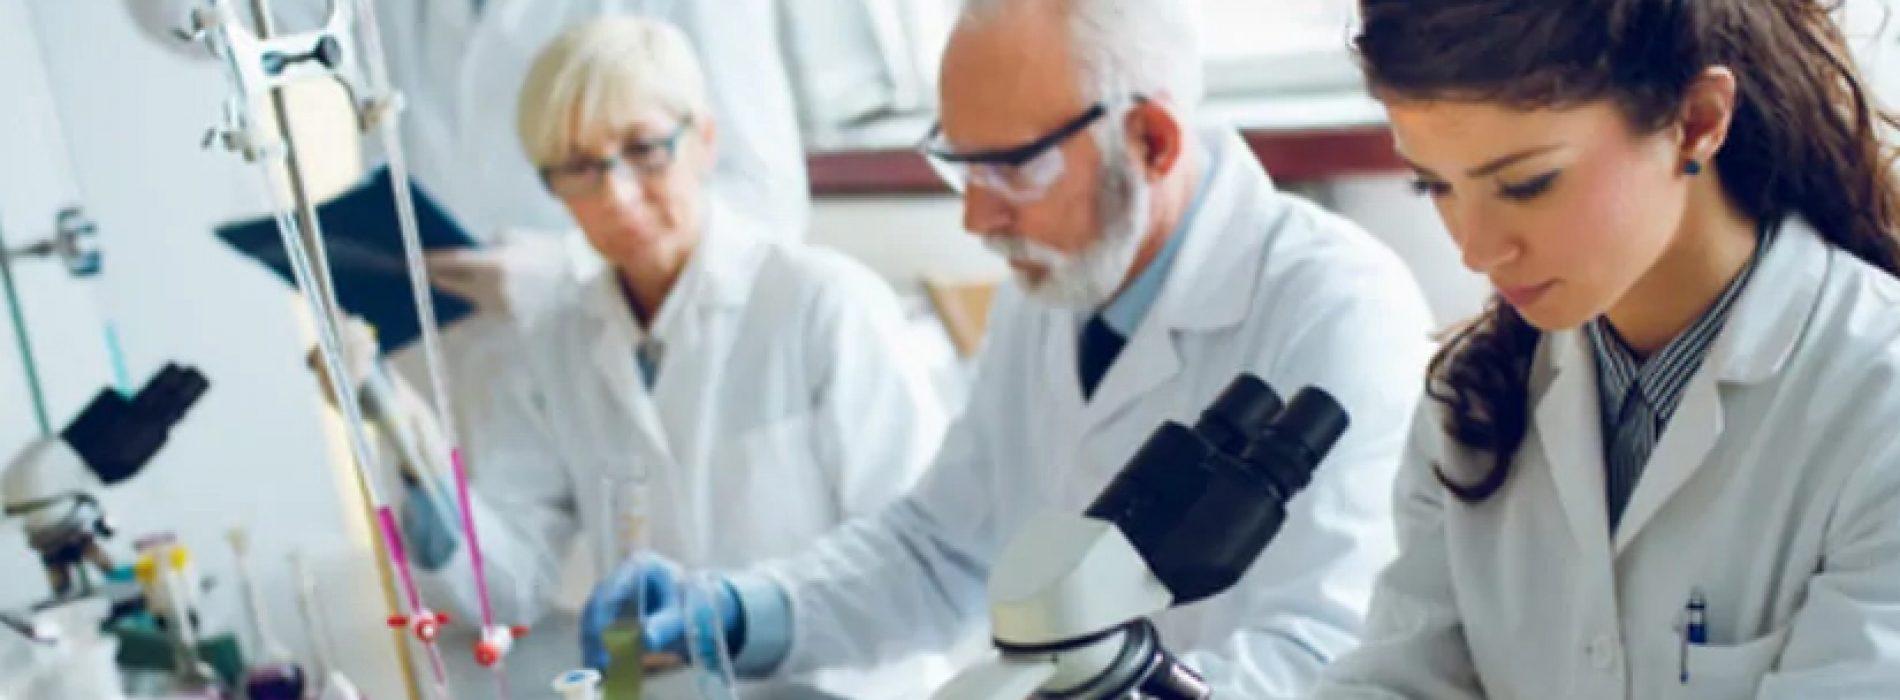 Posiciones postdoctorales en la Universidad de California Davis, en la temática de fijación de nitrógeno atmosférico en plantas